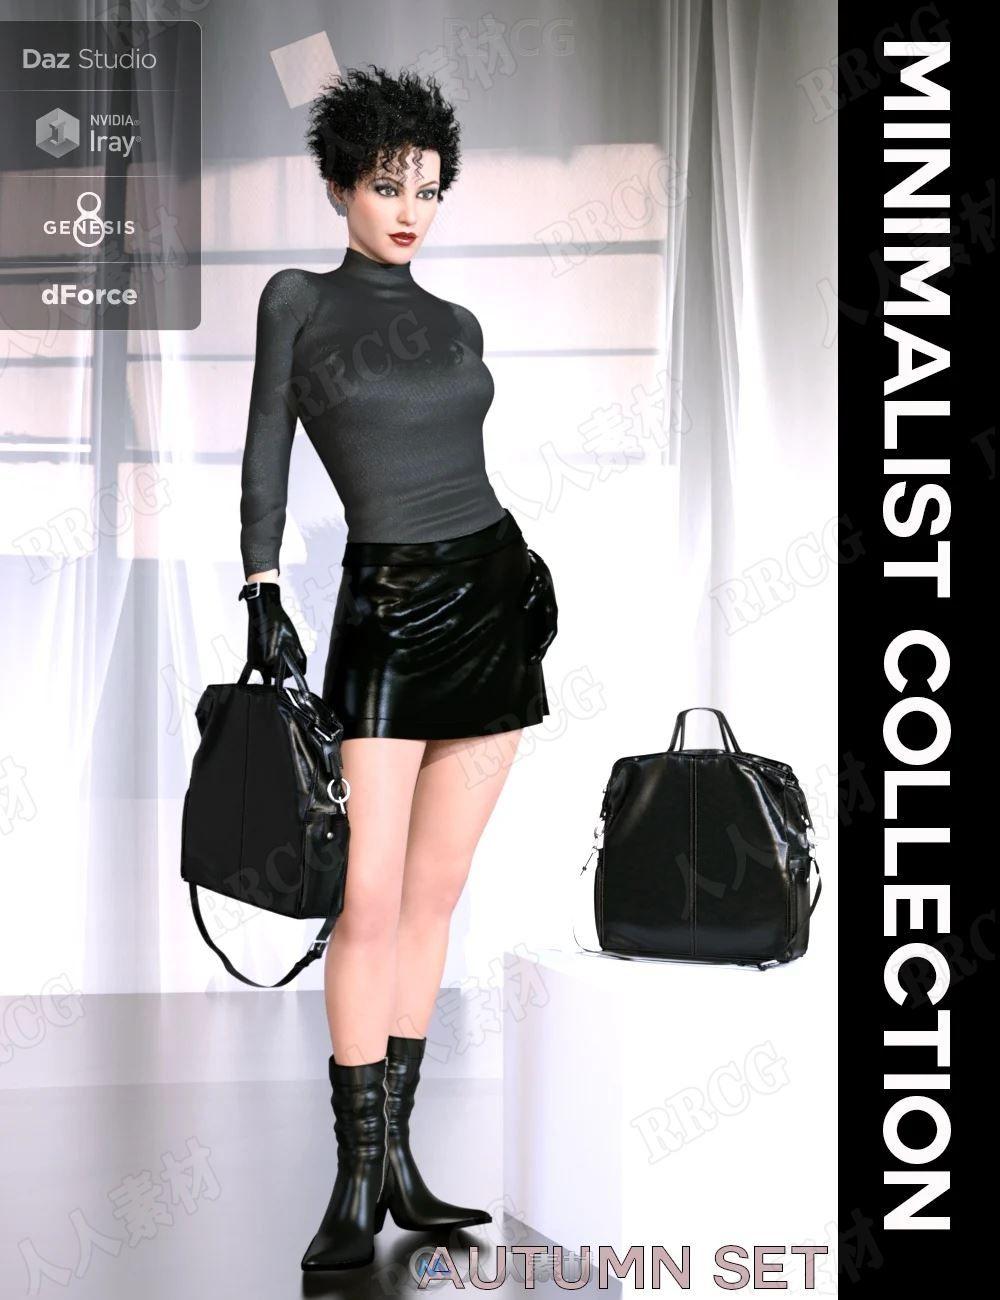 时尚女性极简黑色中性秋季套装3D模型合集